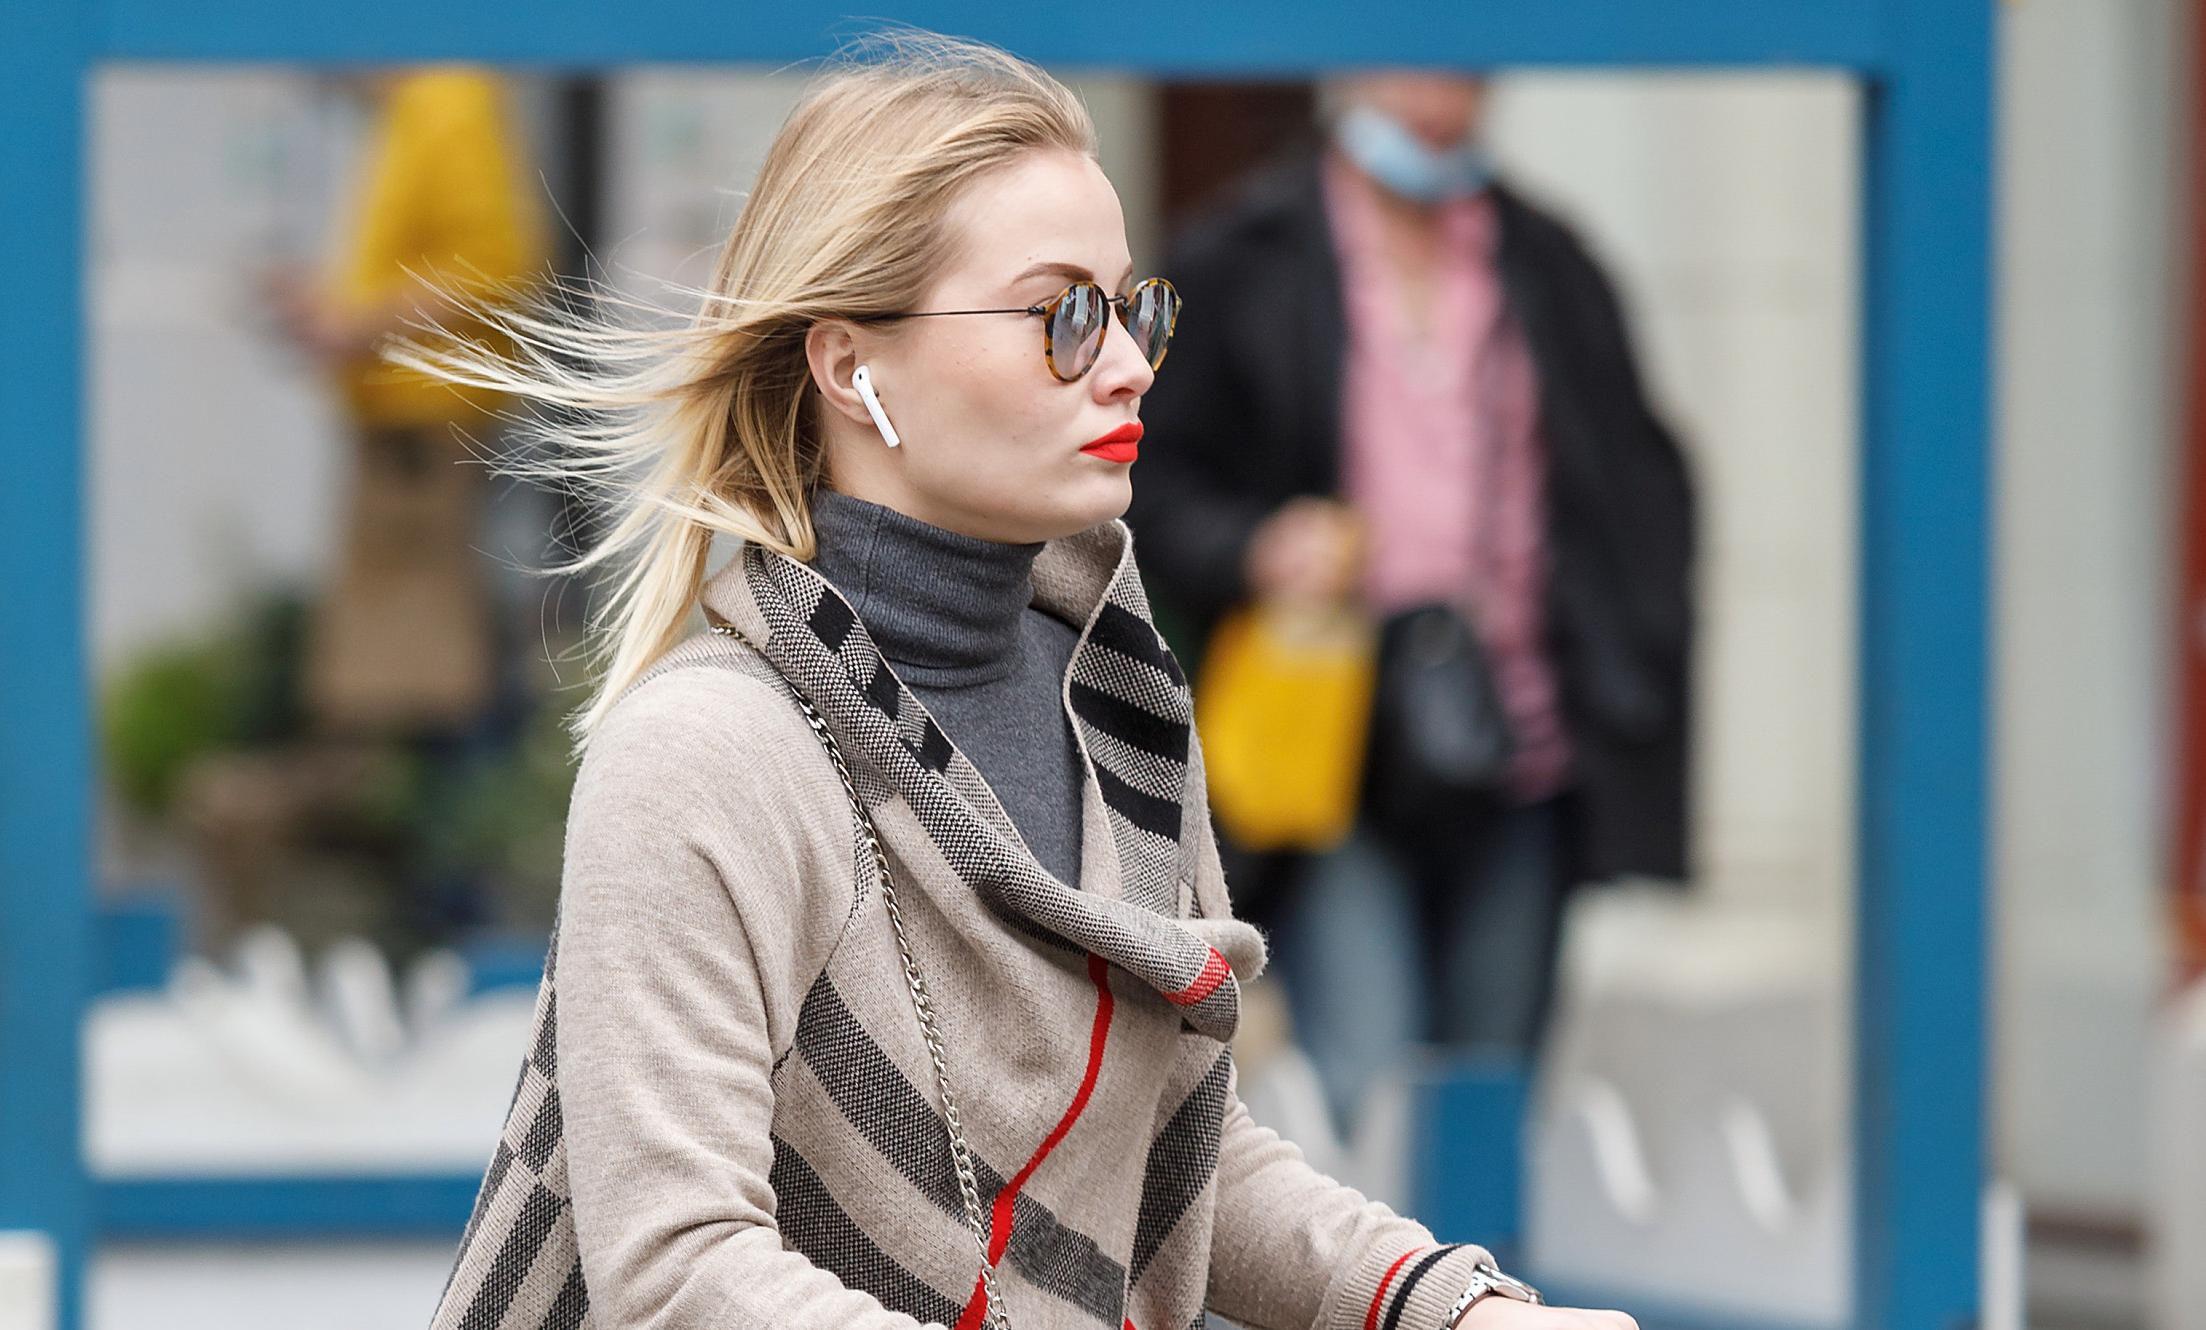 Ljepotica na romobilu nosi omražen model čizama koji će, ako je suditi prema gradskim ulicama, i ove zime biti veliki hit